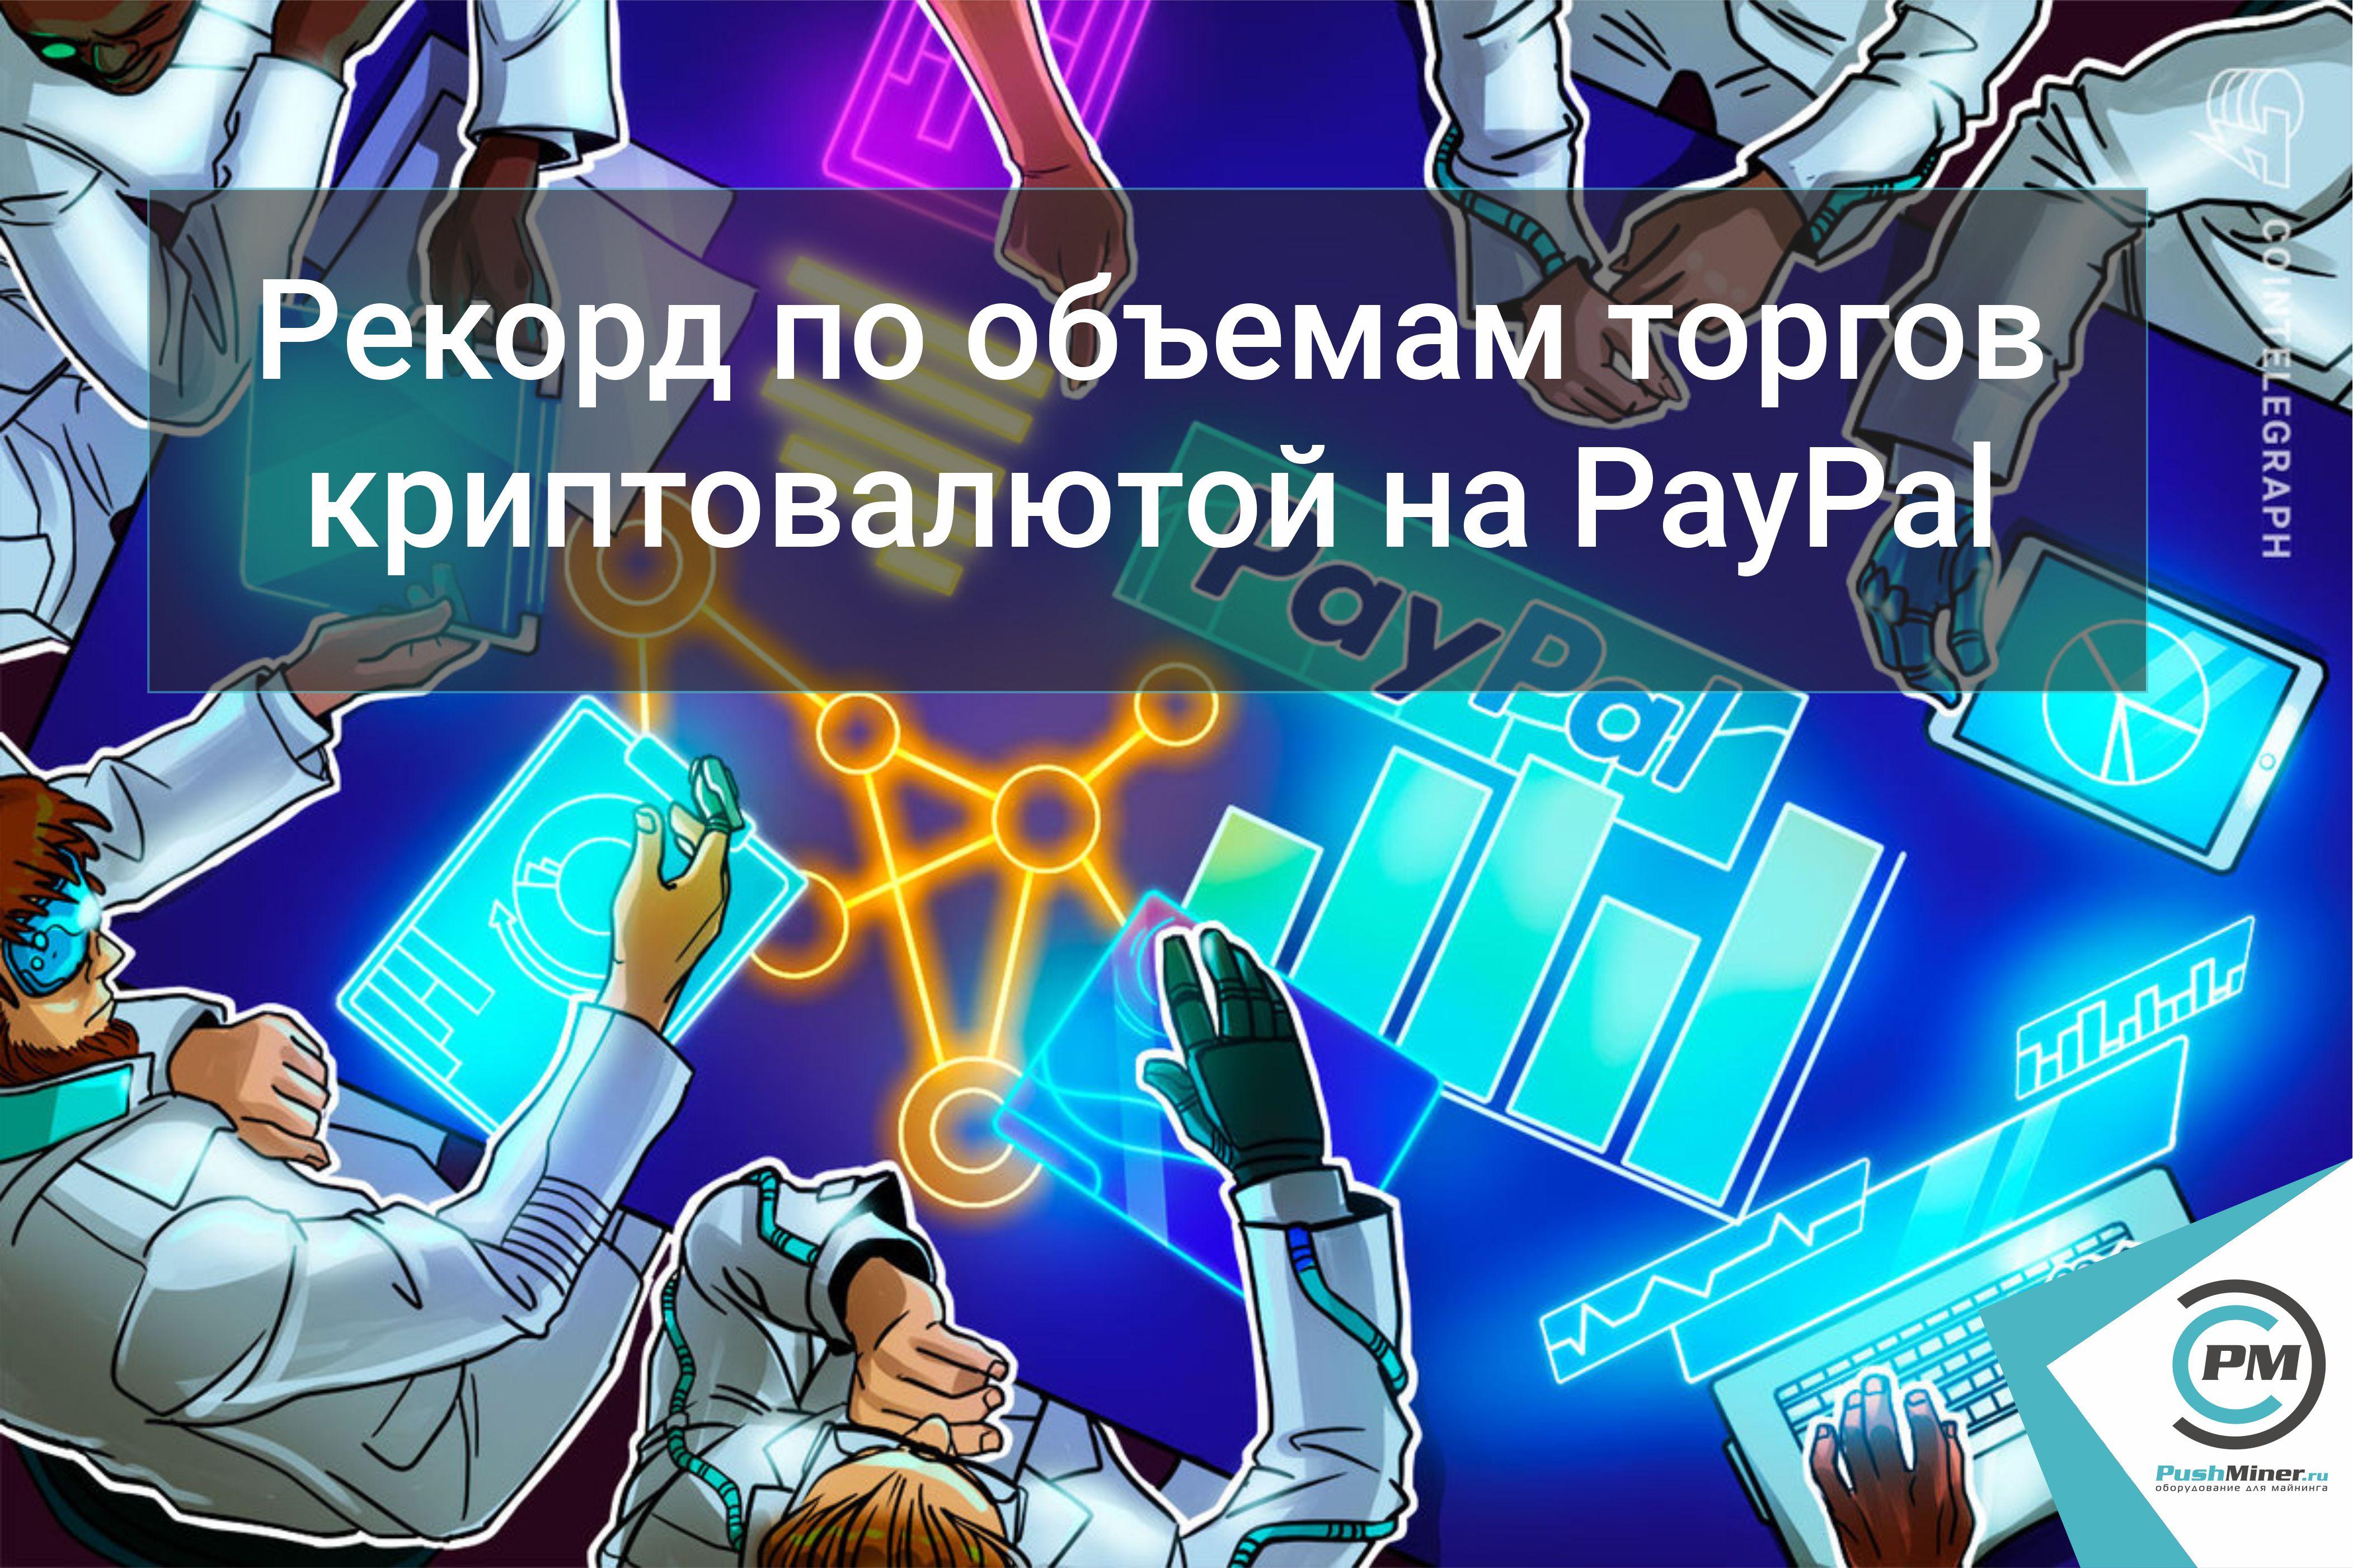 Рекорд по объемам торгов криптовалютой на PayPal